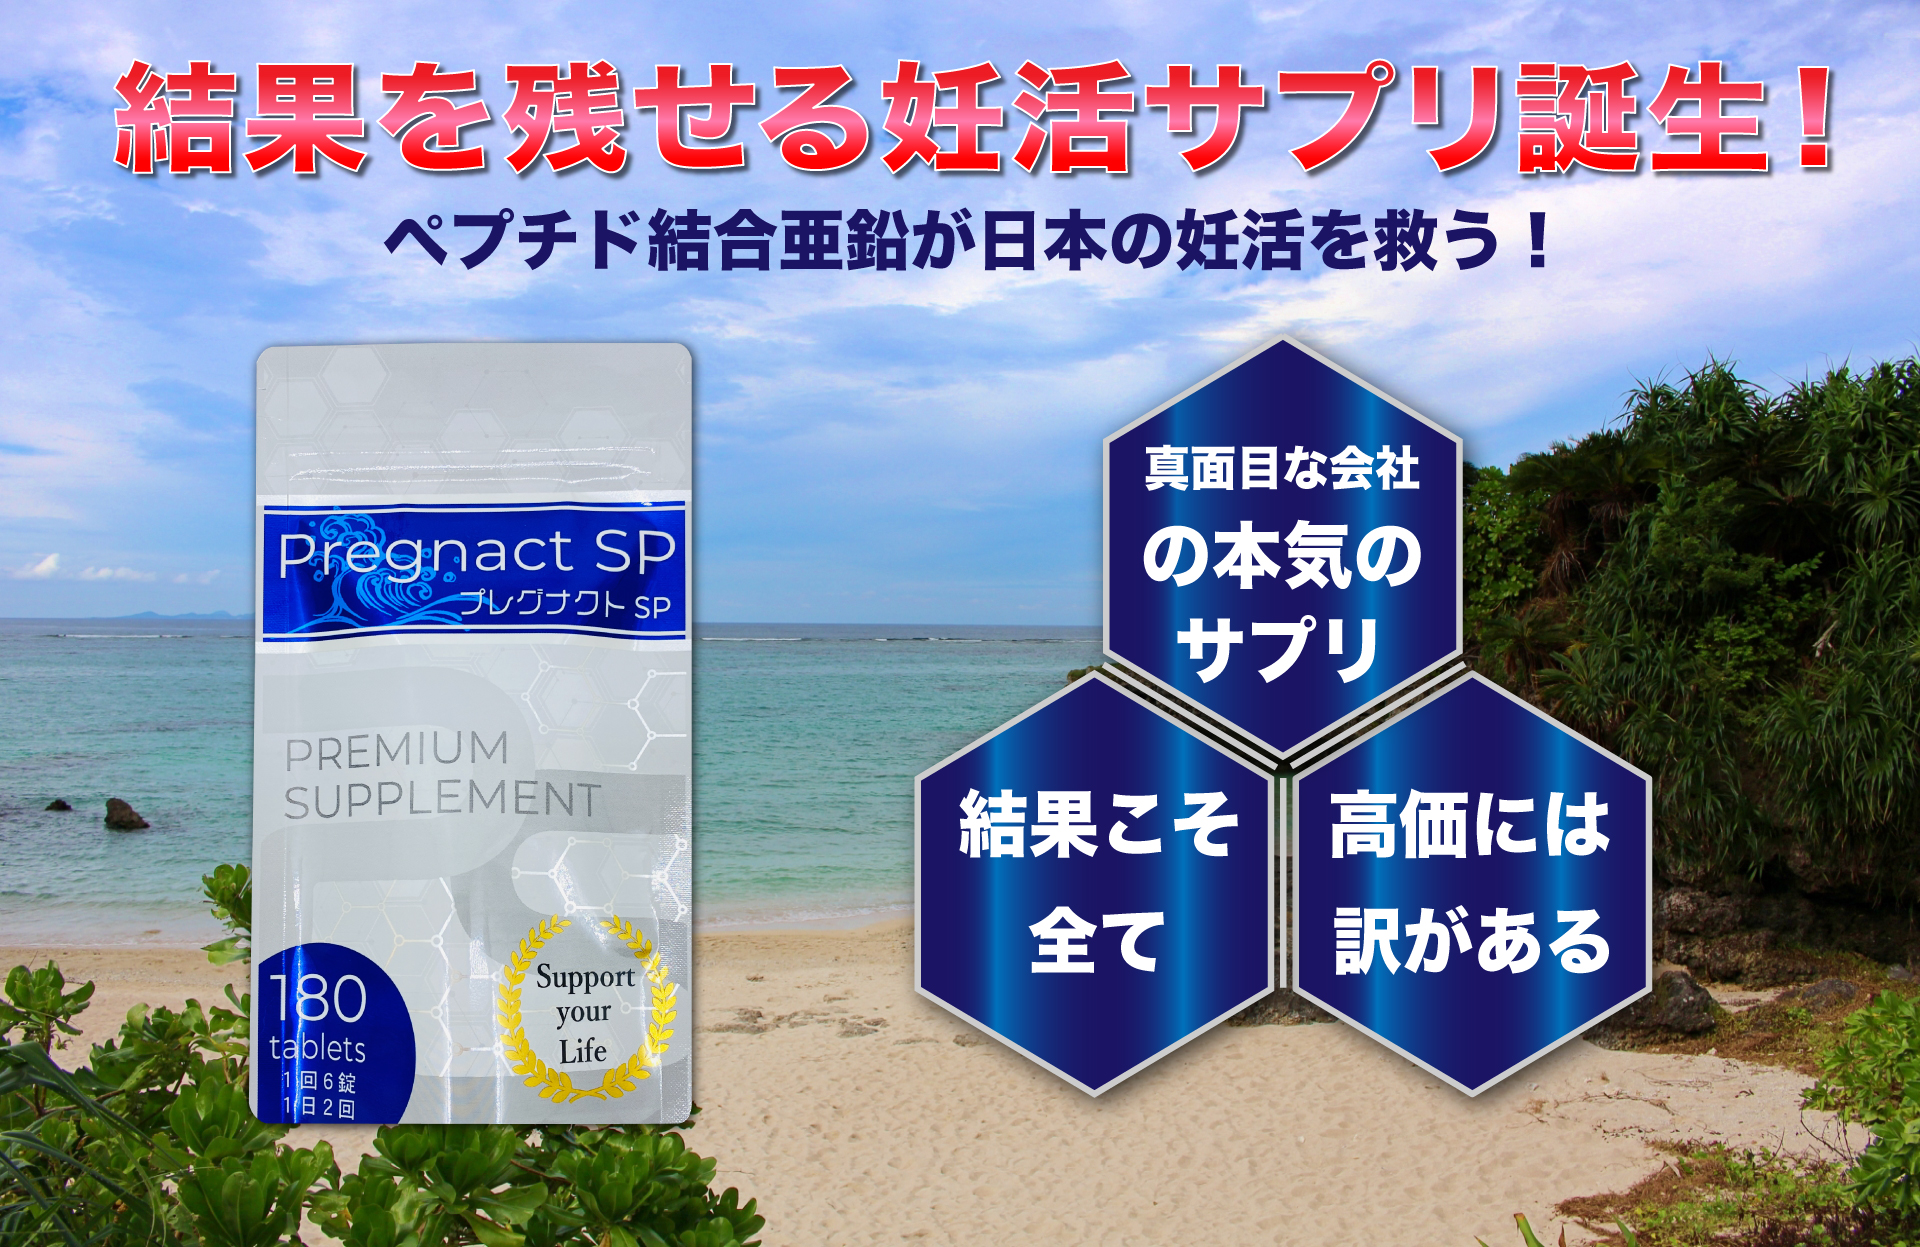 プレグナクトSP 妊活サプリメント